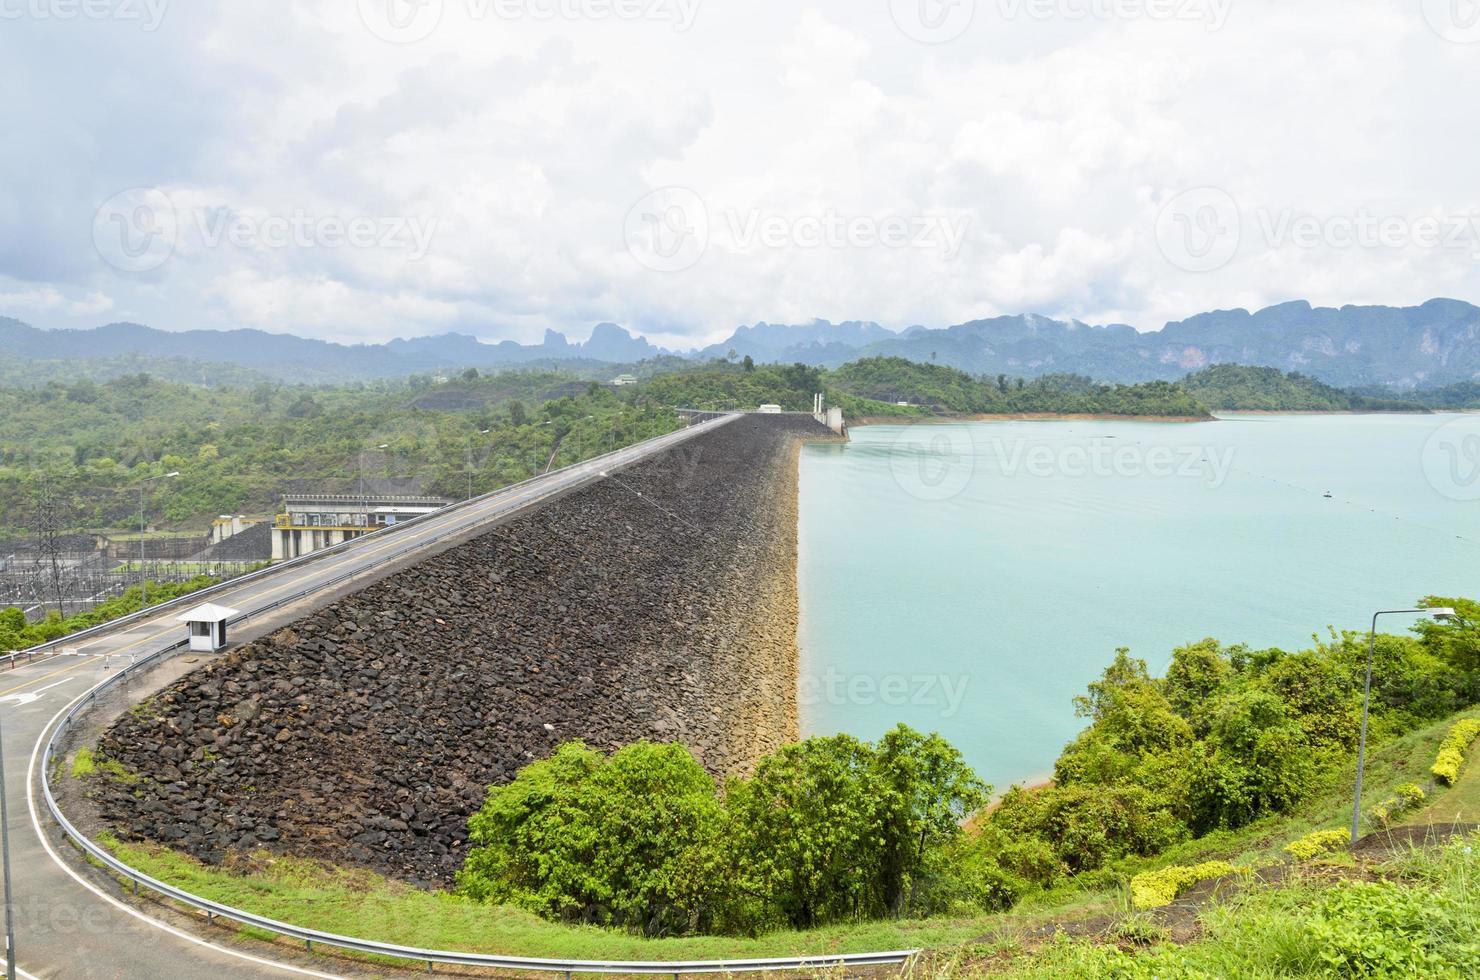 ponto de vista da barragem de ratchaprapha. foto